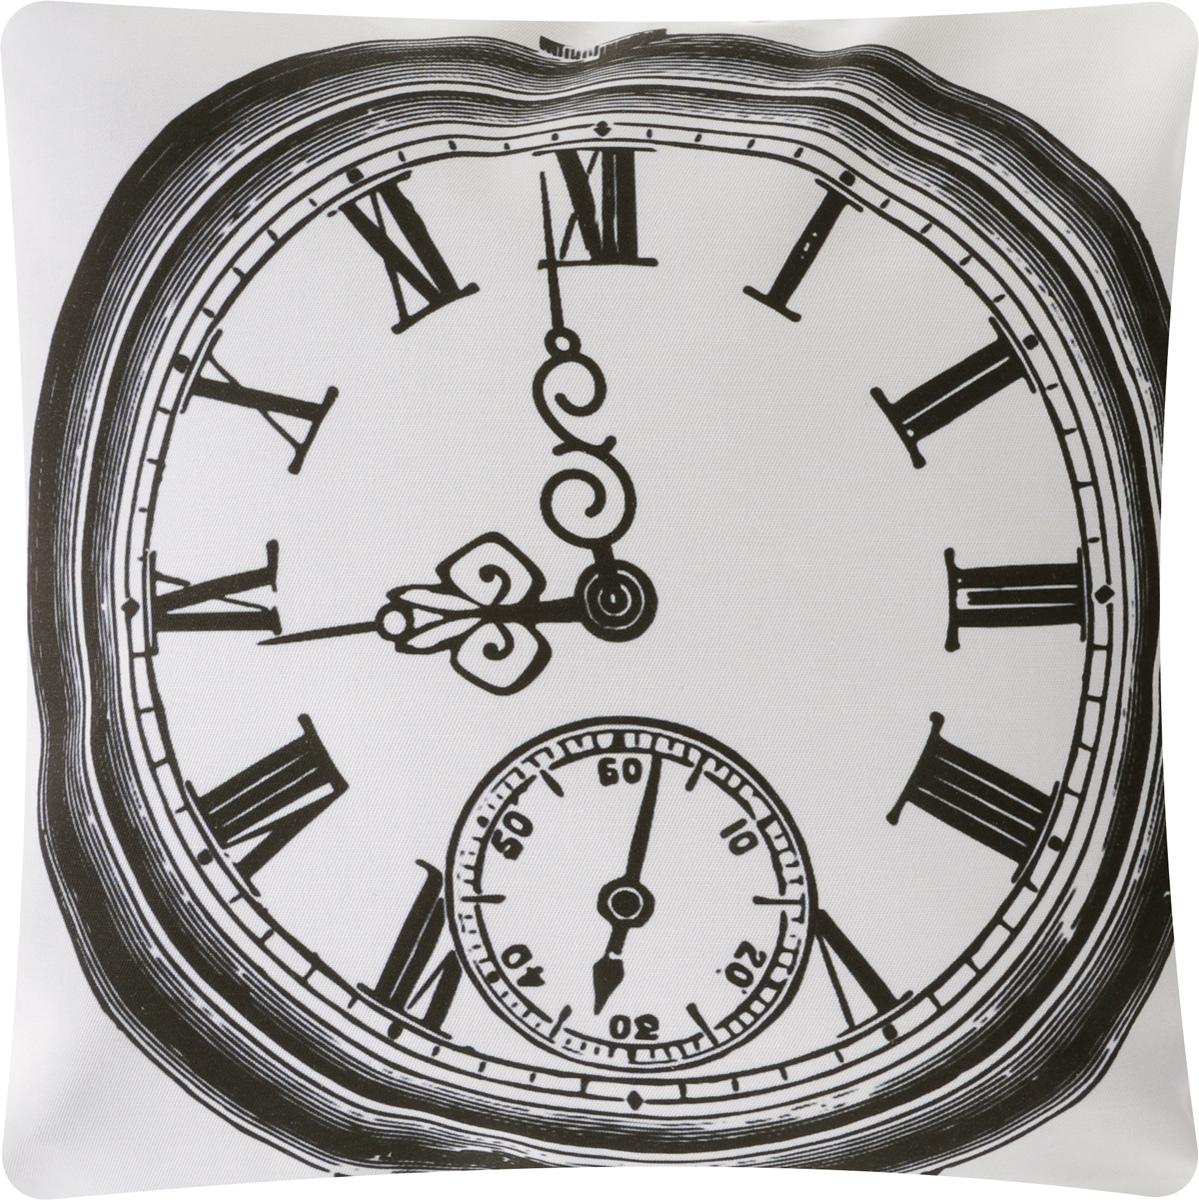 Подушка декоративная Proffi Старинные часы, цвет: белый, черный, 43 х 43 смS03301004Декоративная подушка Proffi Старинные часы - это яркое украшение вашего дома. Чехол выполнен из приятного на ощупь полиэстера и застегивается на молнию. Внутри - мягкий наполнитель, изготовленный из шариков холлофайбера.Лицевая сторона подушки украшена ярким изображением, задняя сторона - однотонная. Стильная и яркая подушка эффектно украсит интерьер и добавит в привычную обстановку изысканность и роскошь.